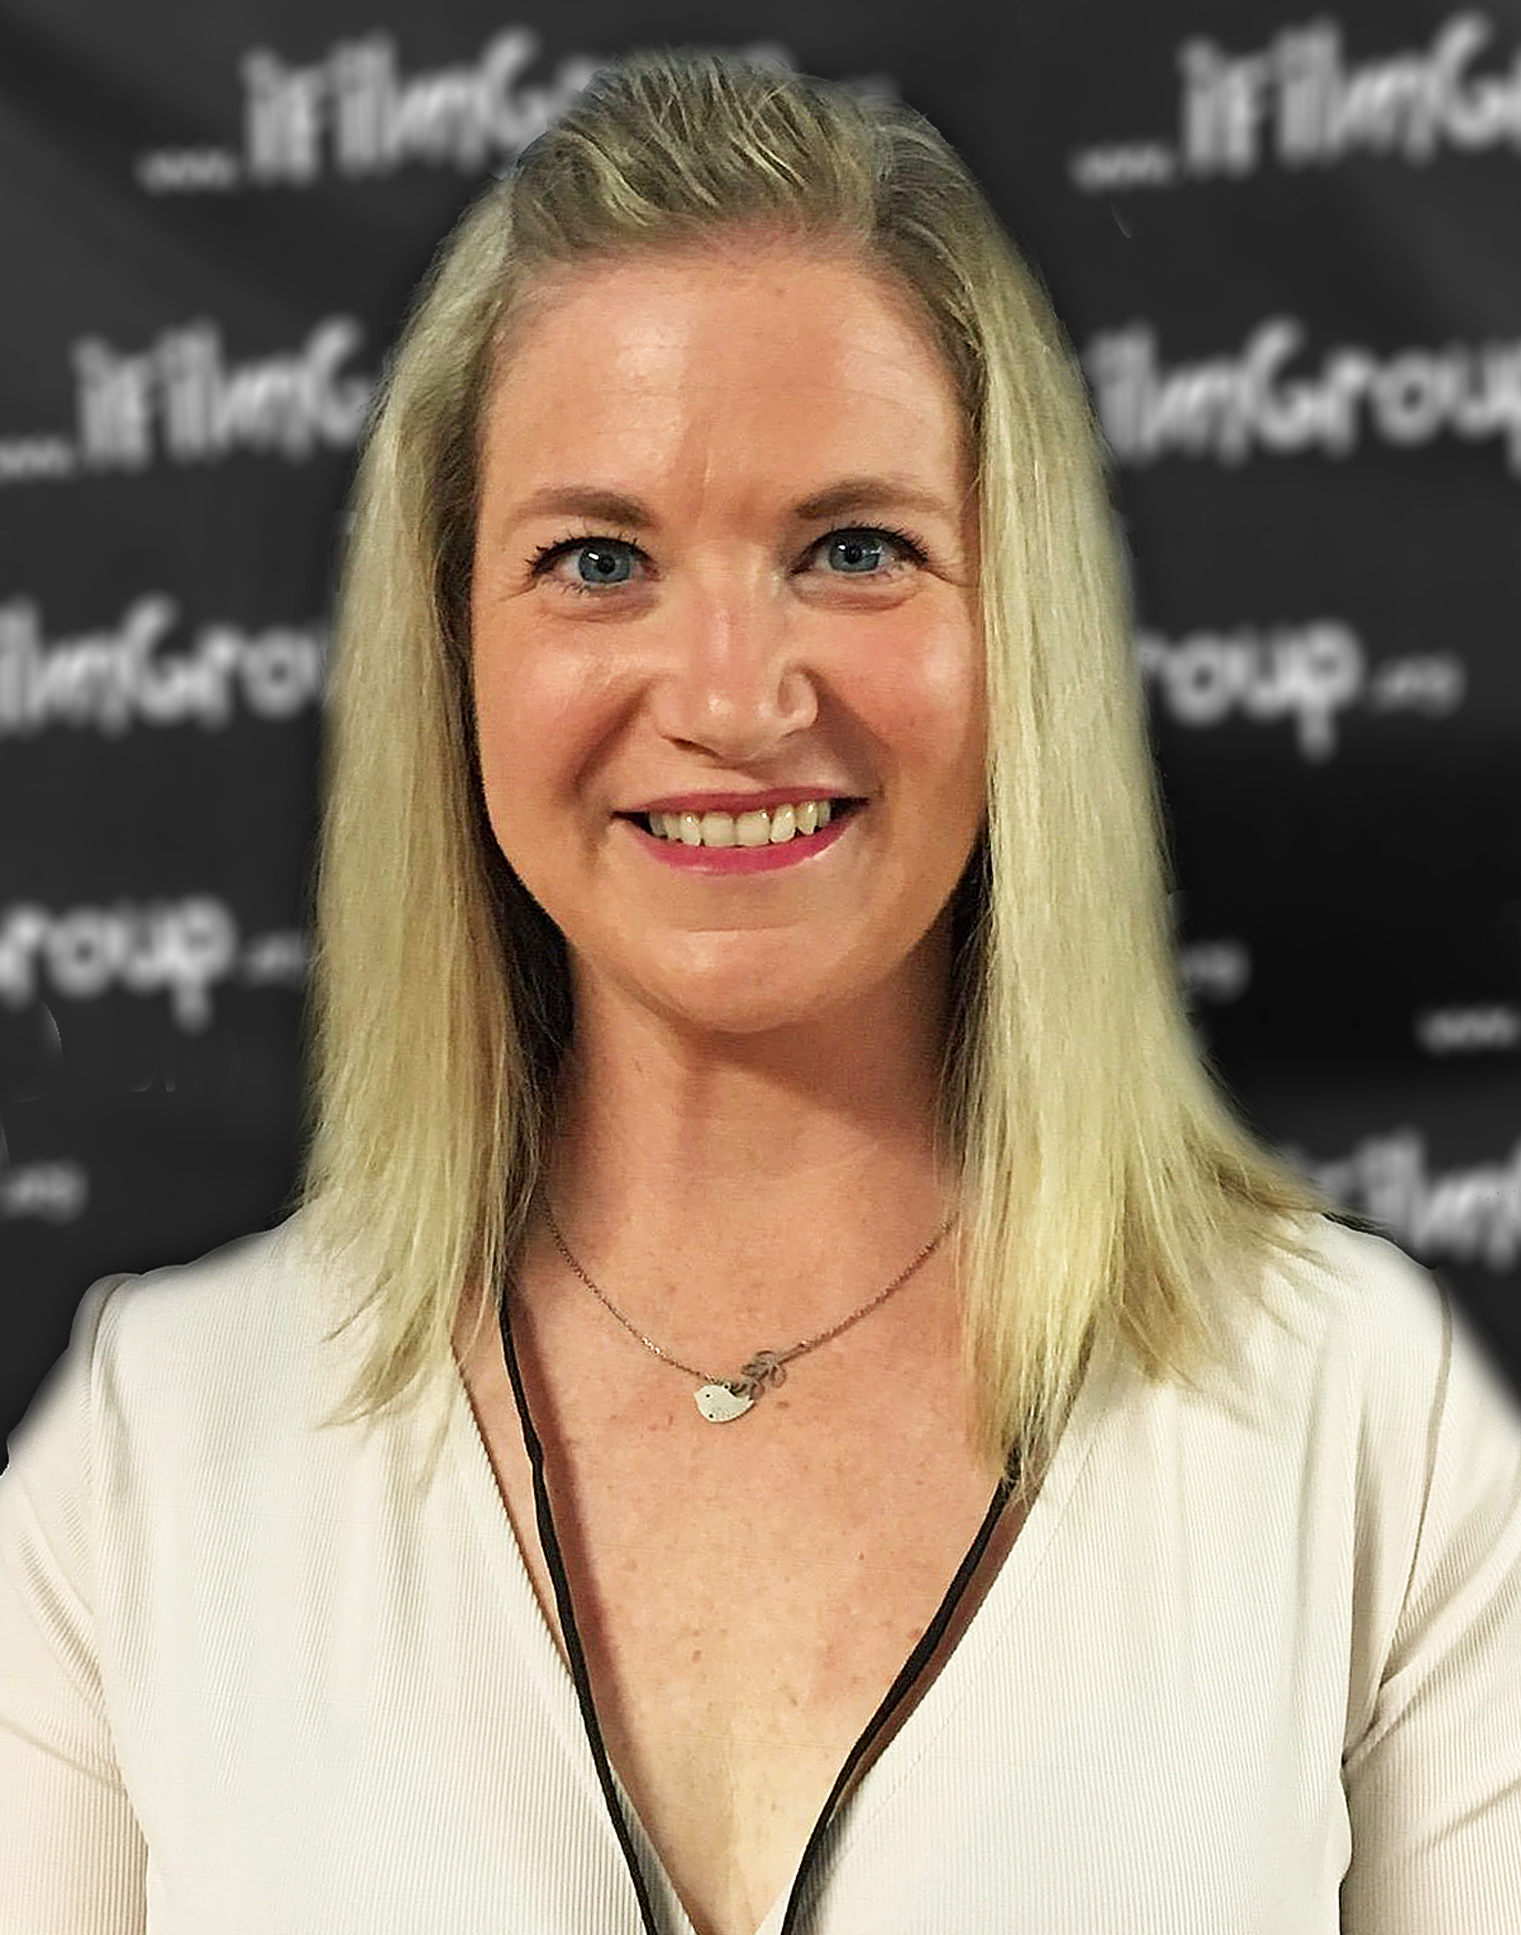 Jessica Fediw